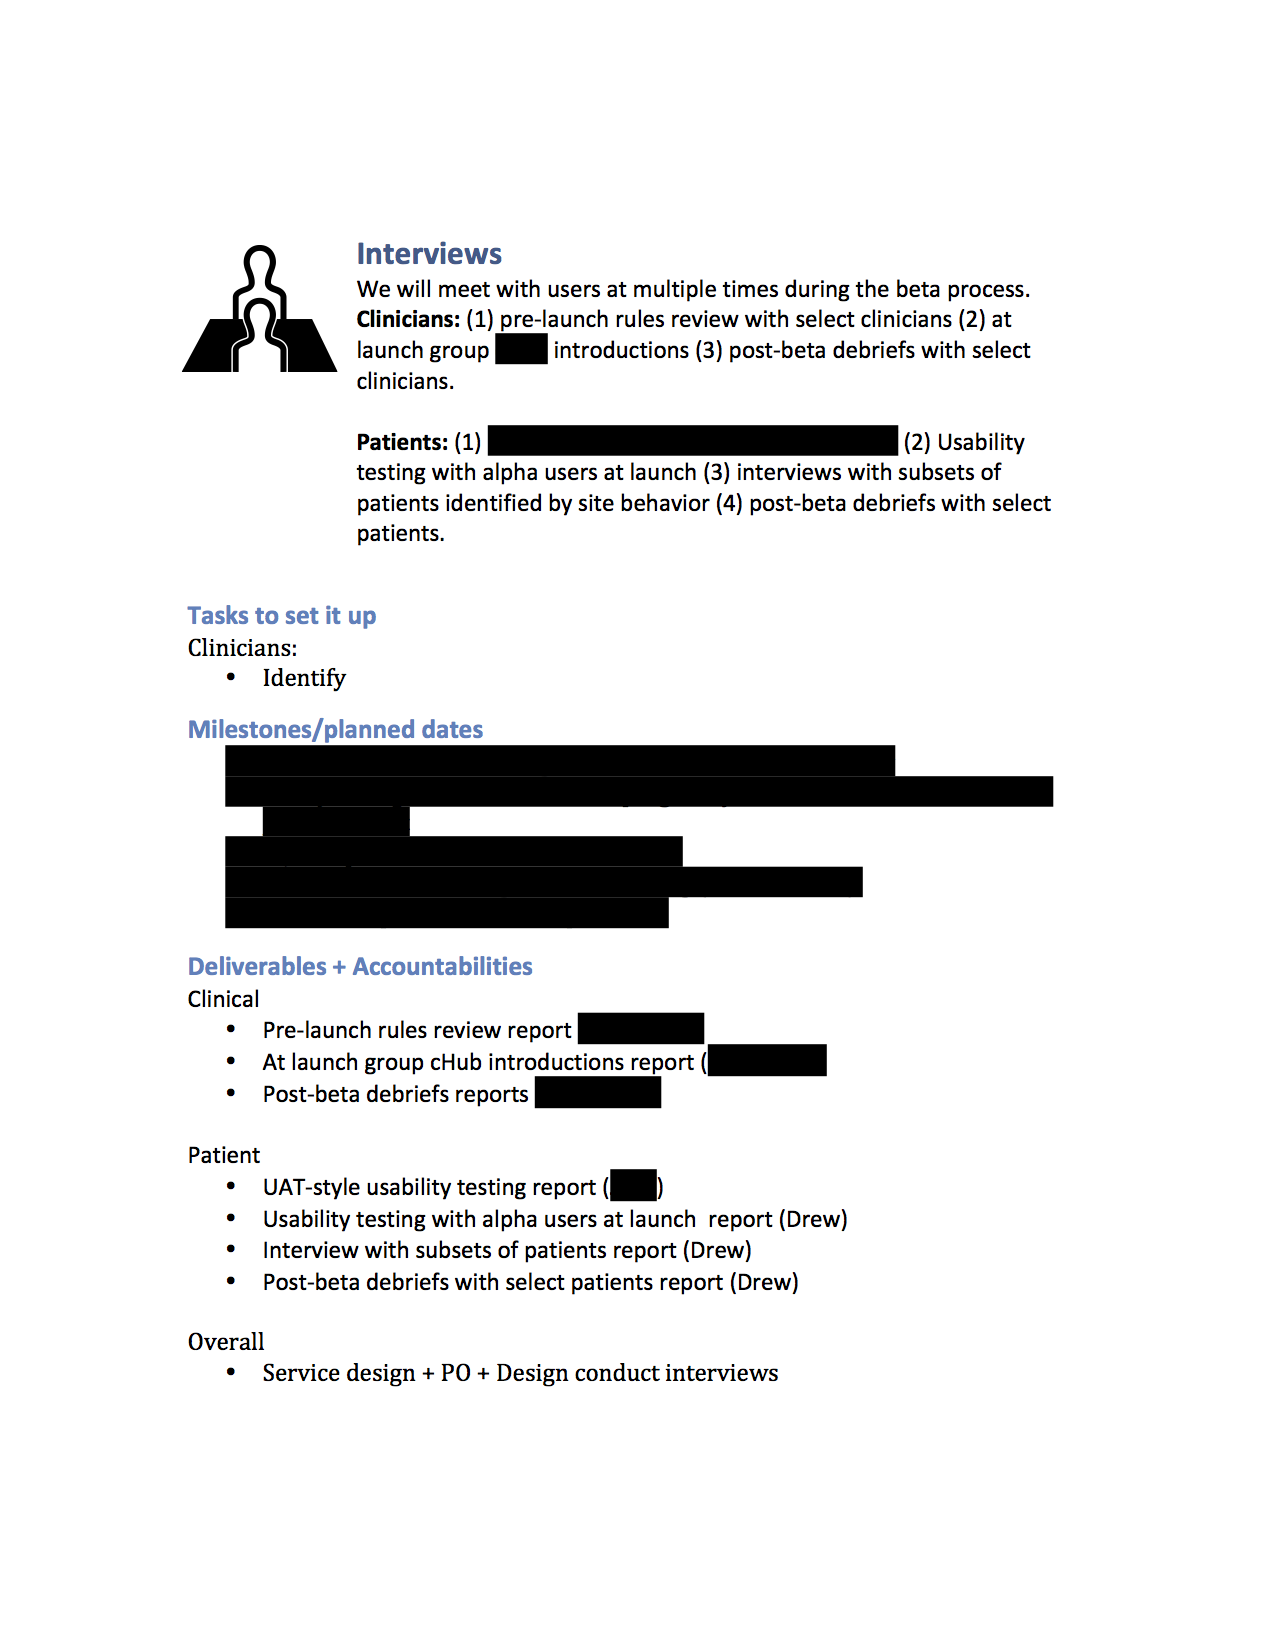 Beta Learning Plan (redacted)10.png